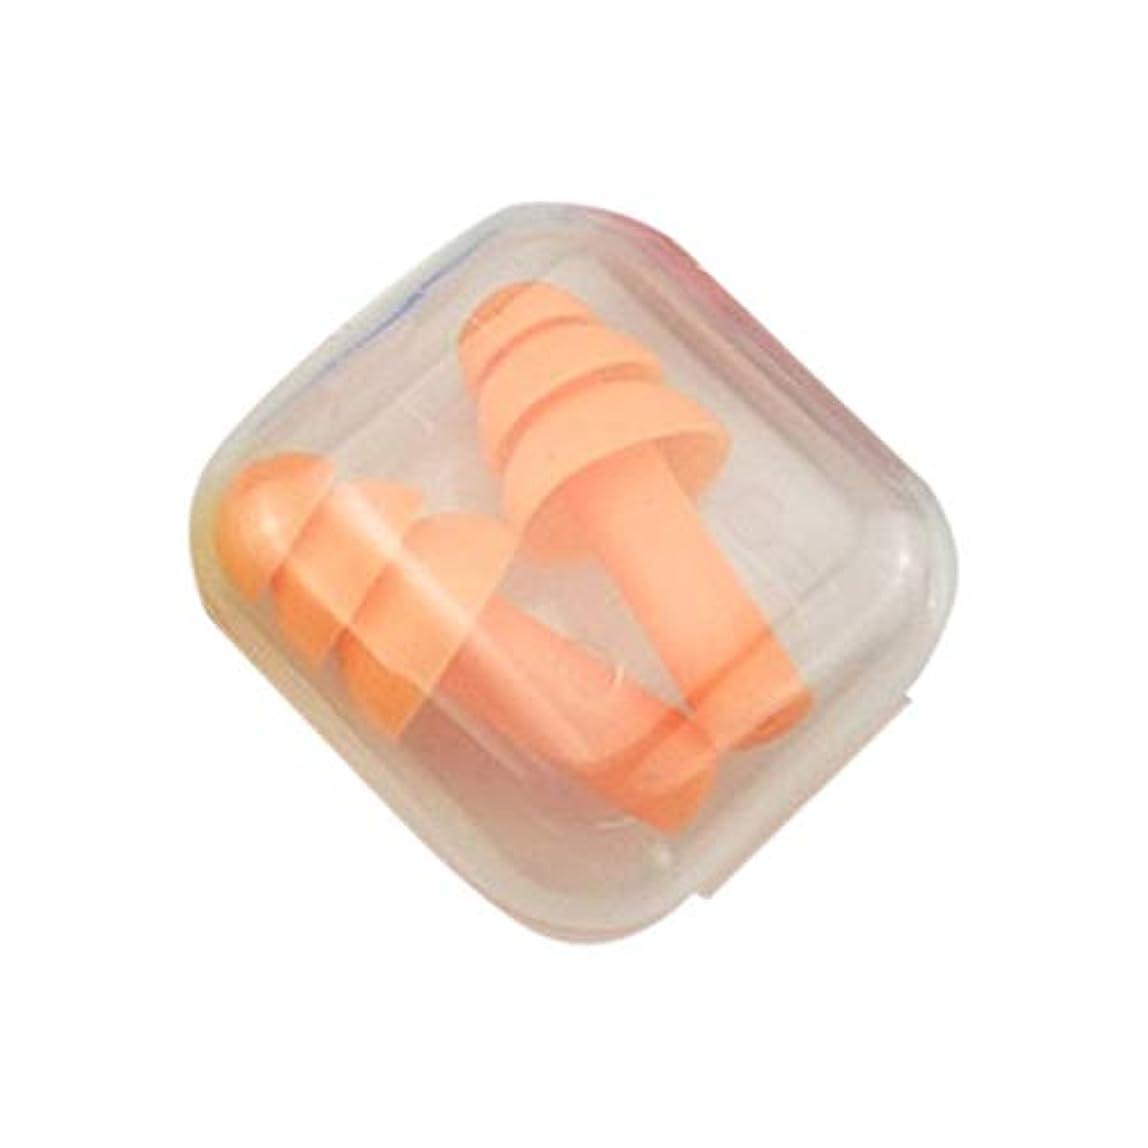 貫通する製造松柔らかいシリコーンの耳栓遮音用耳の保護用の耳栓防音睡眠ボックス付き収納ボックス - オレンジ